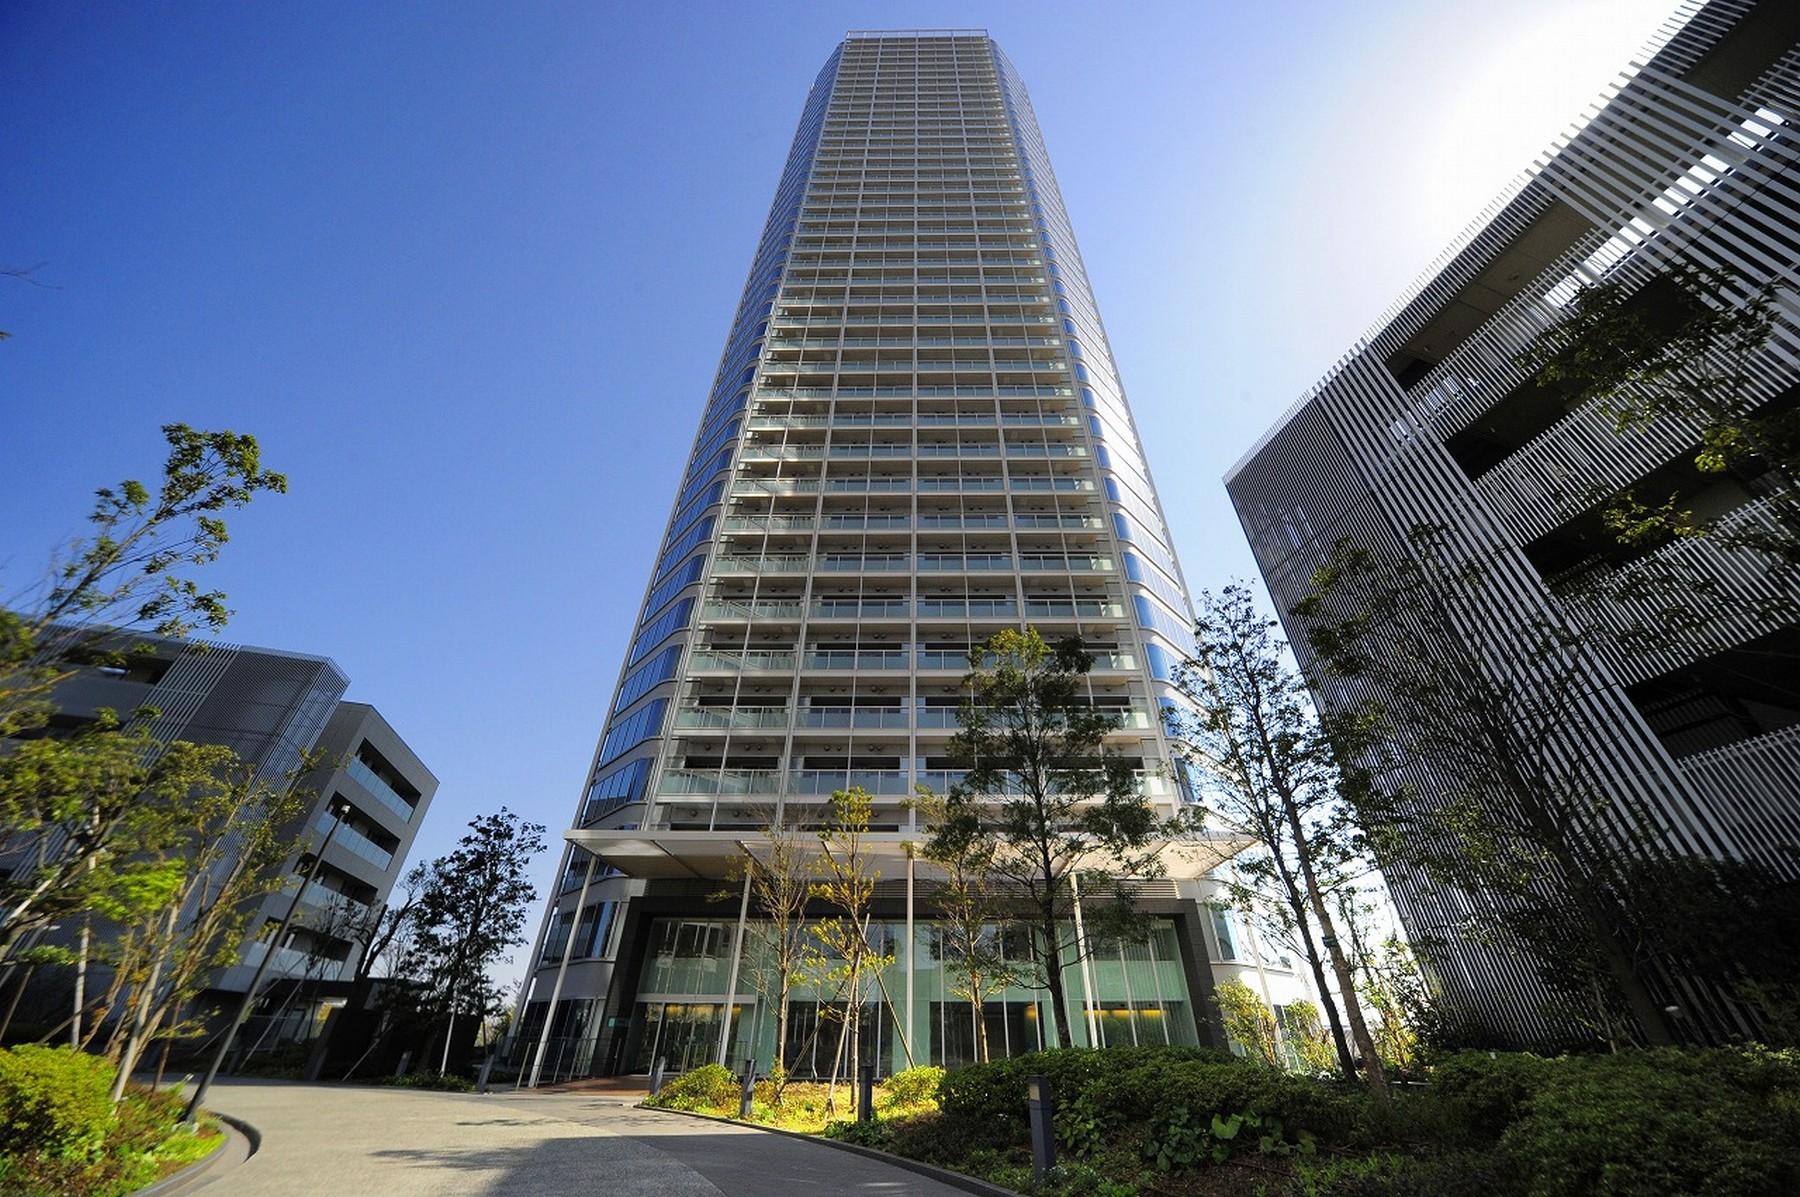 Căn hộ vì Bán tại FUTAKOTAMAGAWA RIse Tower & Residence Tower EAST Setagaya Ku, Tokyo Nhật Bản